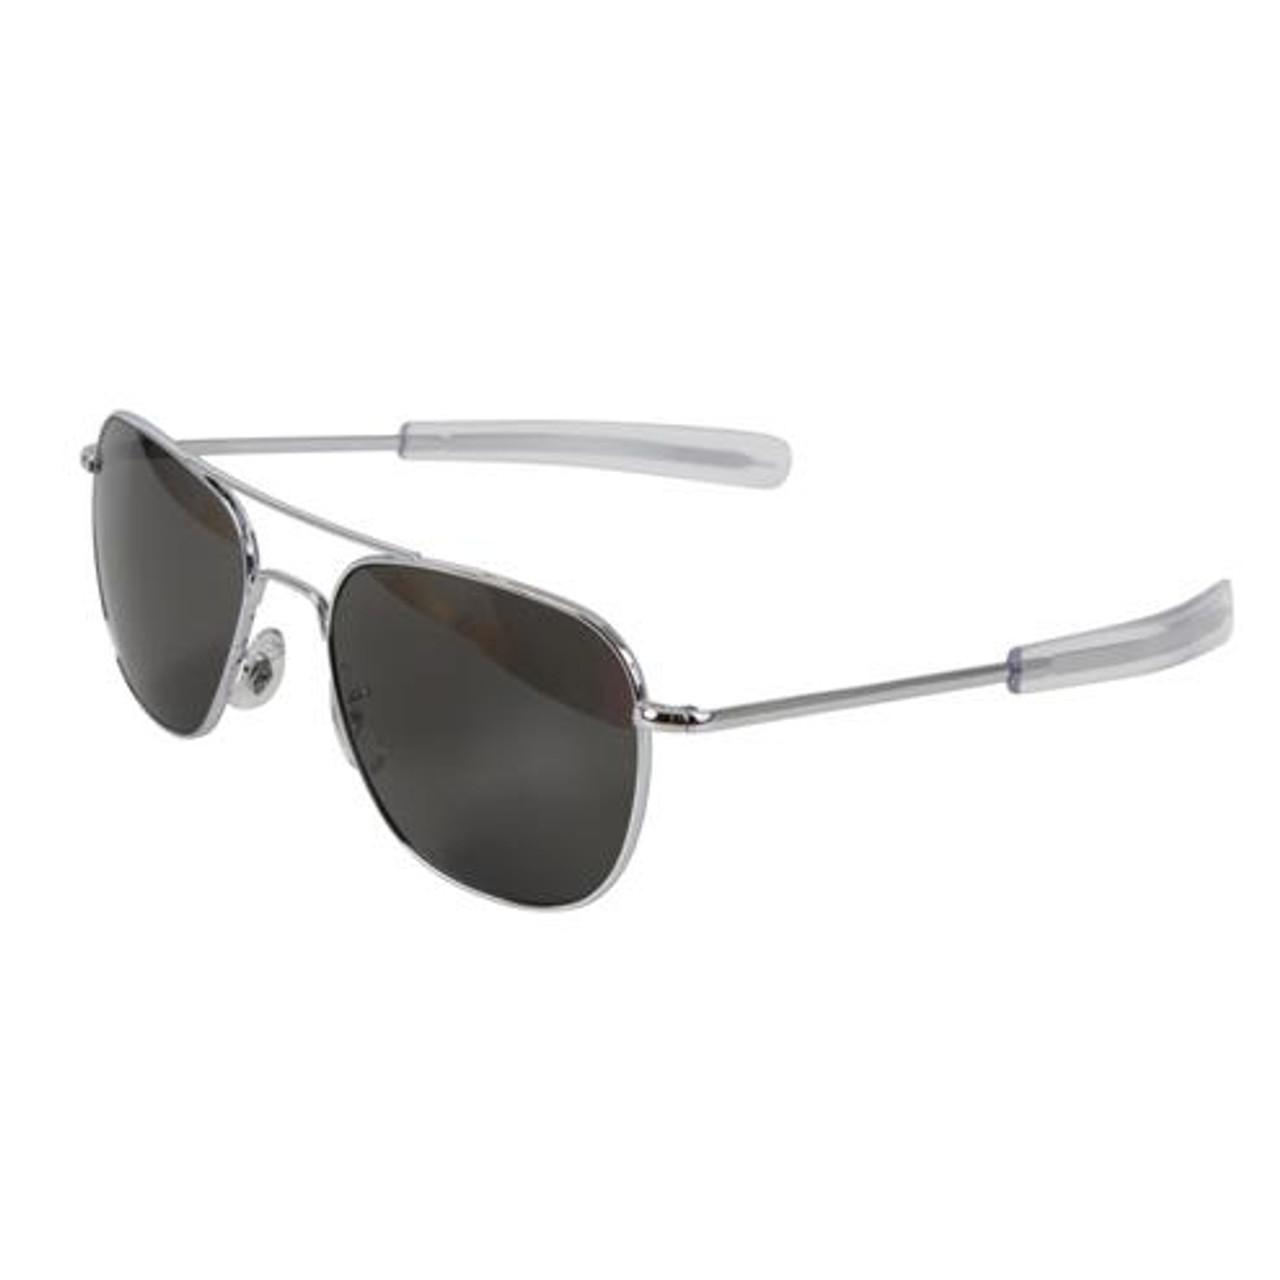 US Gov't Pilots Sunglasses